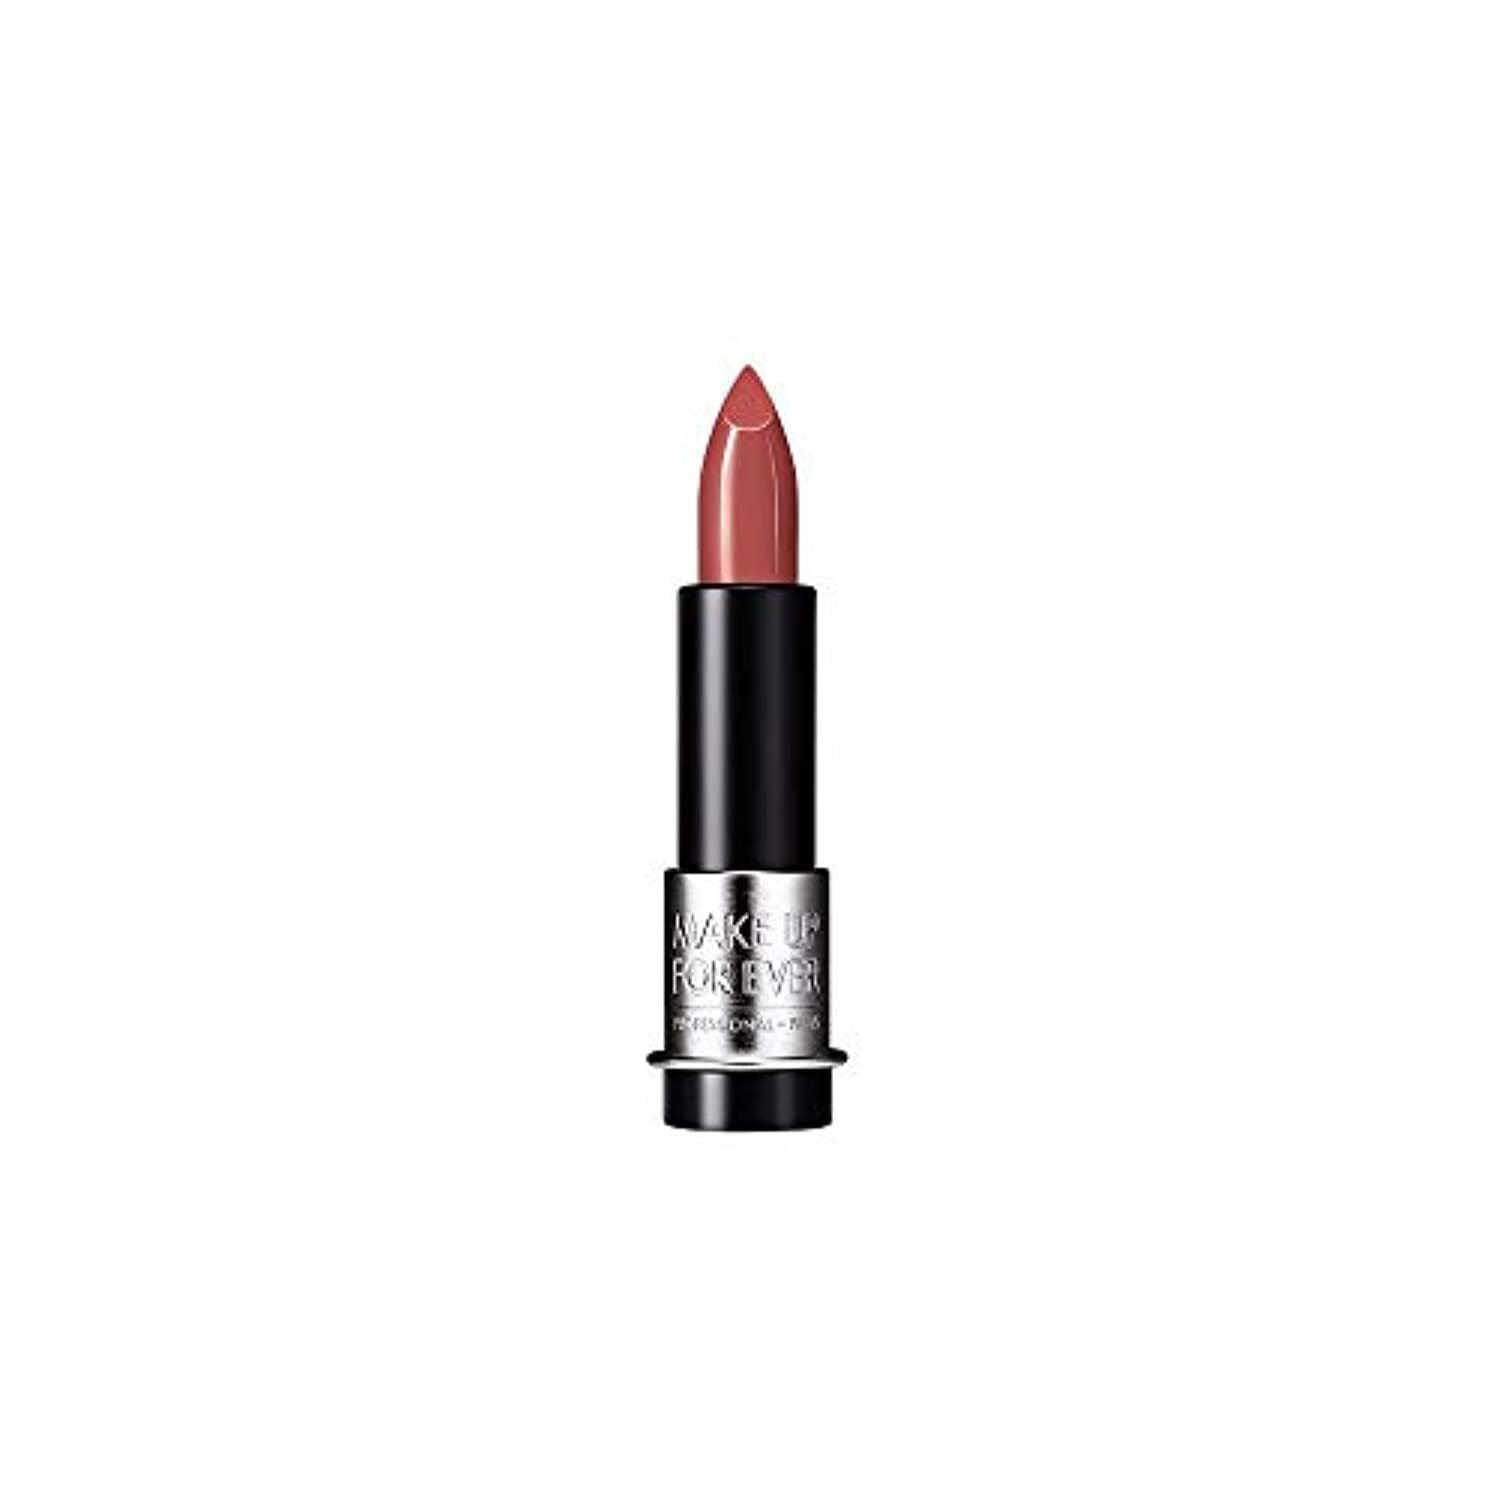 約そのような酸っぱい[MAKE UP FOR EVER] これまでアーティストルージュクリーム口紅3.5グラムのC108を補う - ハシバミ色ベージュ - MAKE UP FOR EVER Artist Rouge Creme Lipstick...